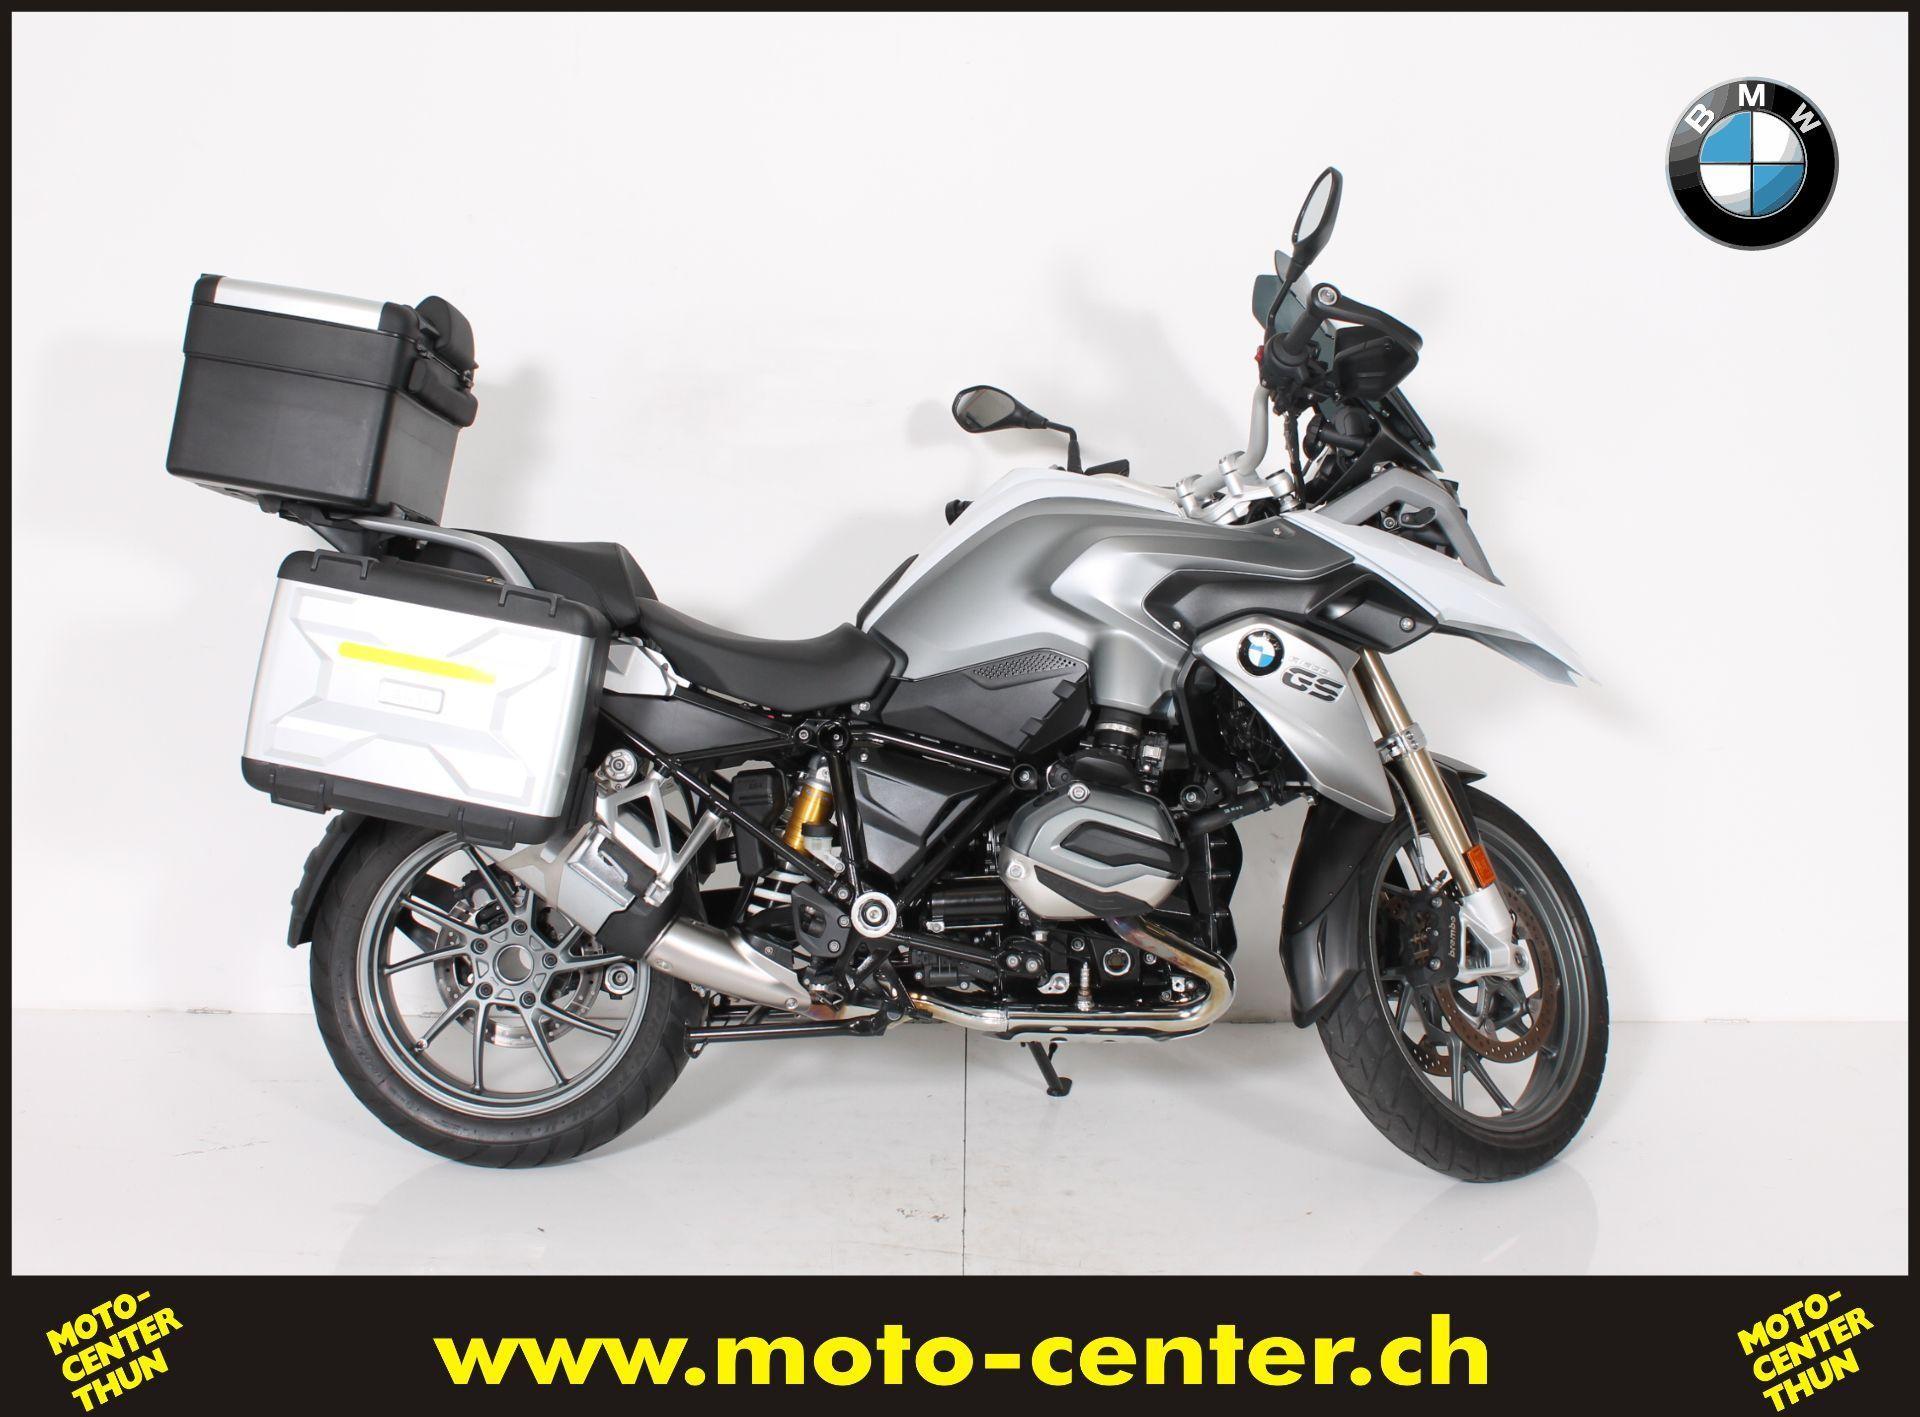 motorrad occasion kaufen bmw r 1200 gs abs moto center thun steffisburg. Black Bedroom Furniture Sets. Home Design Ideas